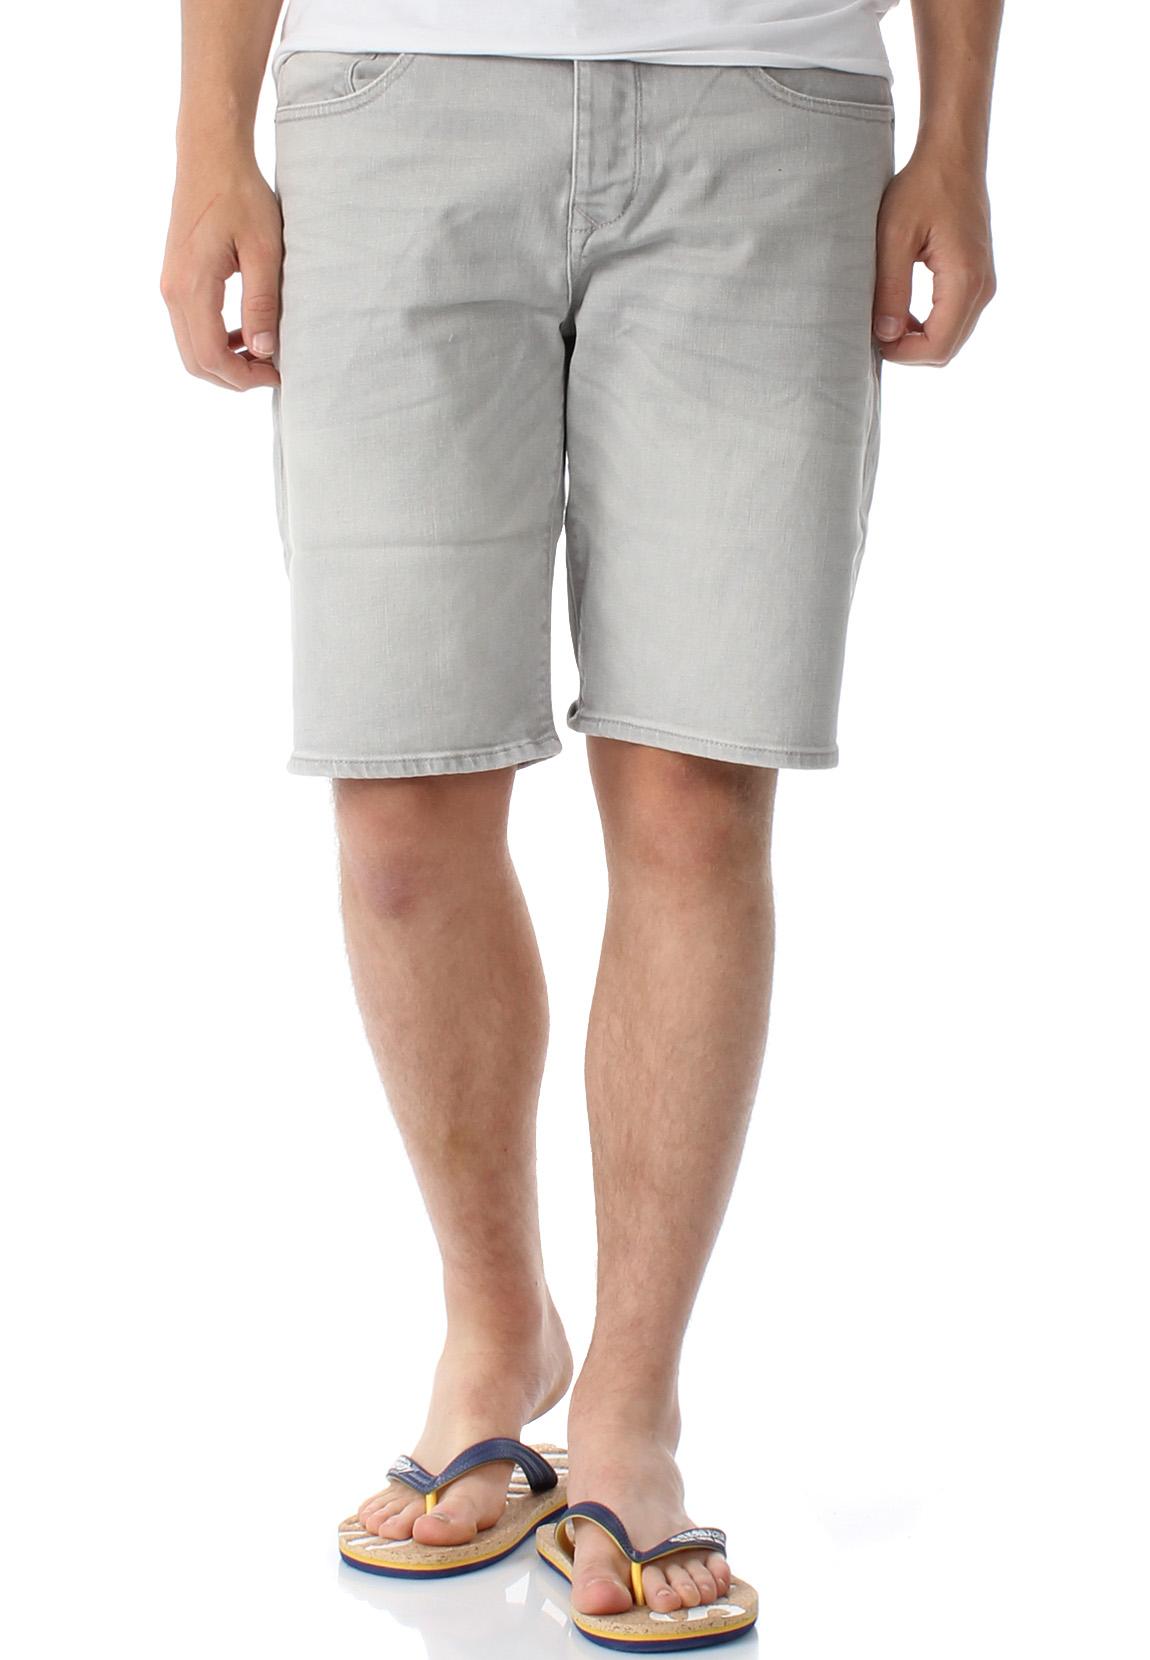 moderner Stil Schnelle Lieferung am besten einkaufen Superdry Shorts Herren BIKER SHORT Vista Grey